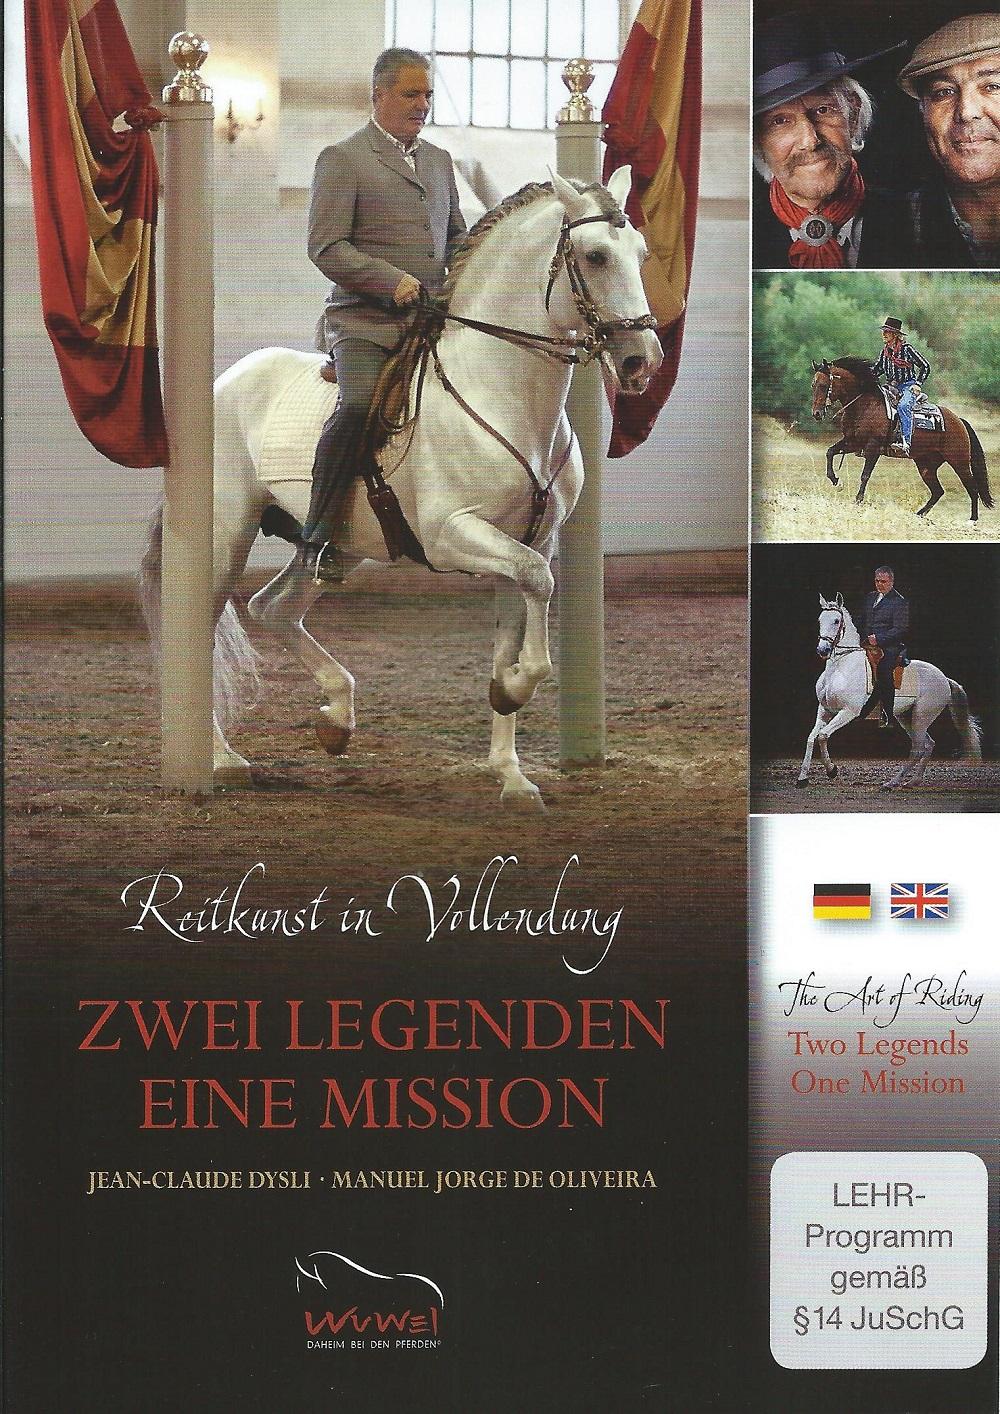 Jean-Claude Dysli/Manuel Jorge de Oliveira: DVD Zwei Legenden - Eine Mission. Reitkunst in Vollendung